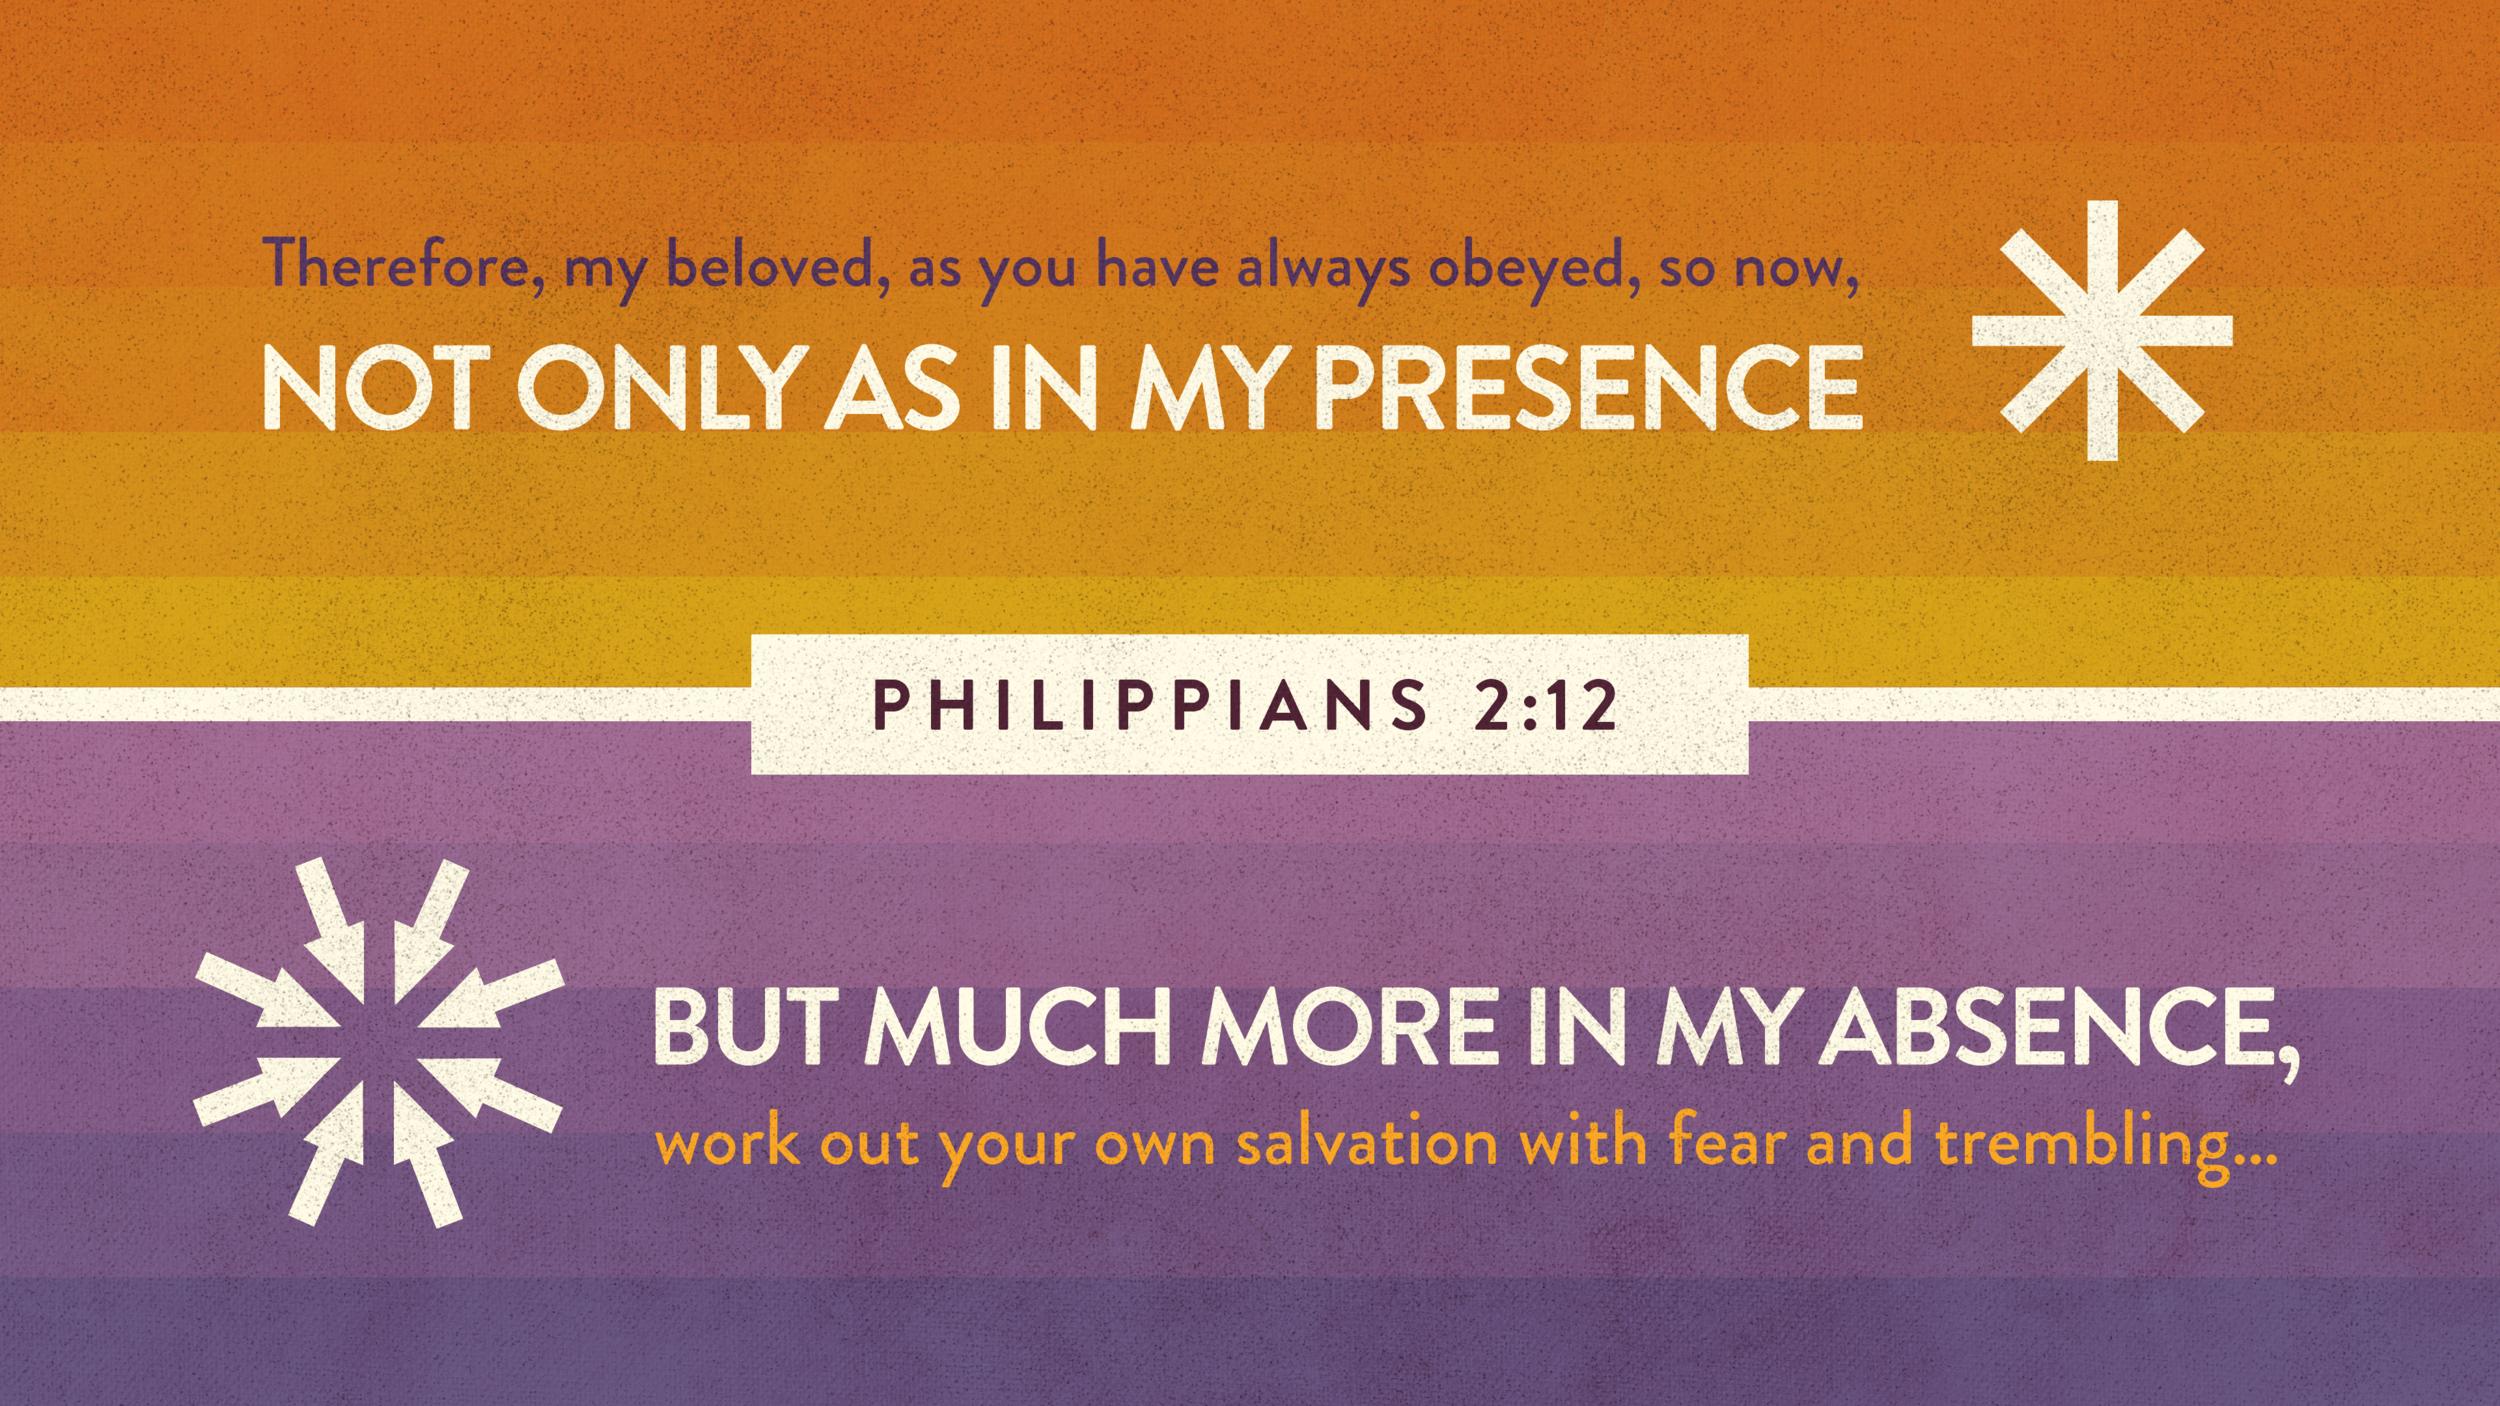 Philippians_2_12-3840x2160.png